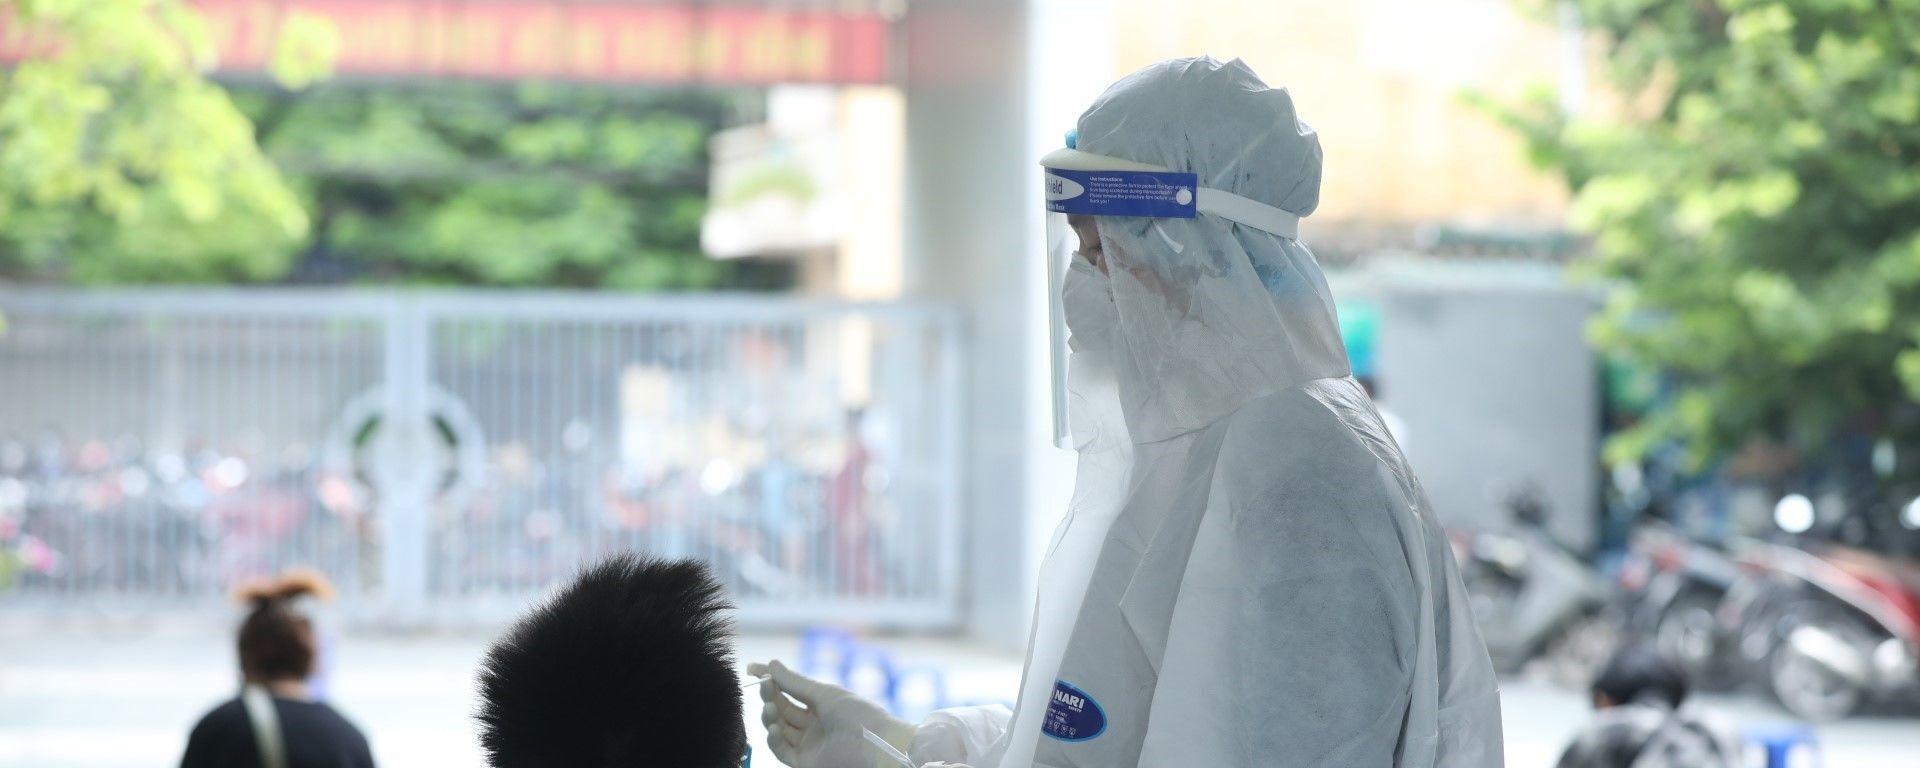 Nhân viên y tế lấy mẫu xét nghiệm cho người dân phường Yên Hoà (Cầu Giấy)  - Sputnik Việt Nam, 1920, 30.09.2021